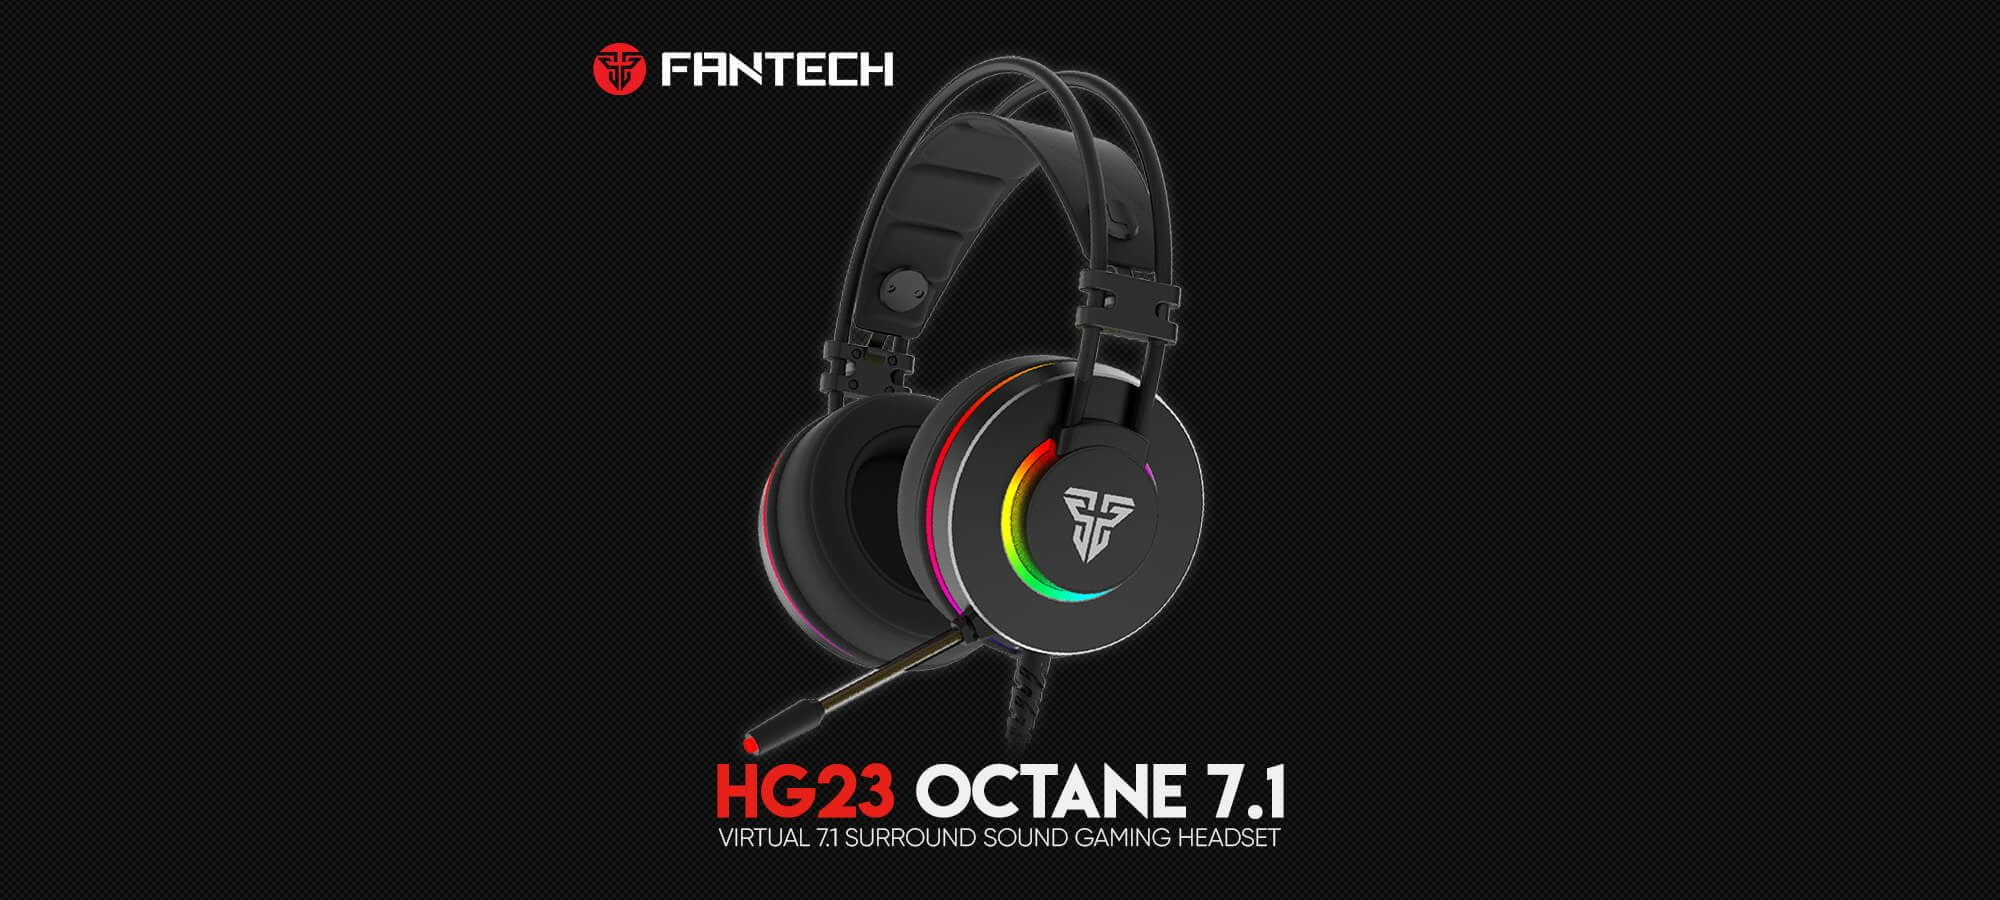 Игровая гарнитура Fantech Octane 7.1 HG23